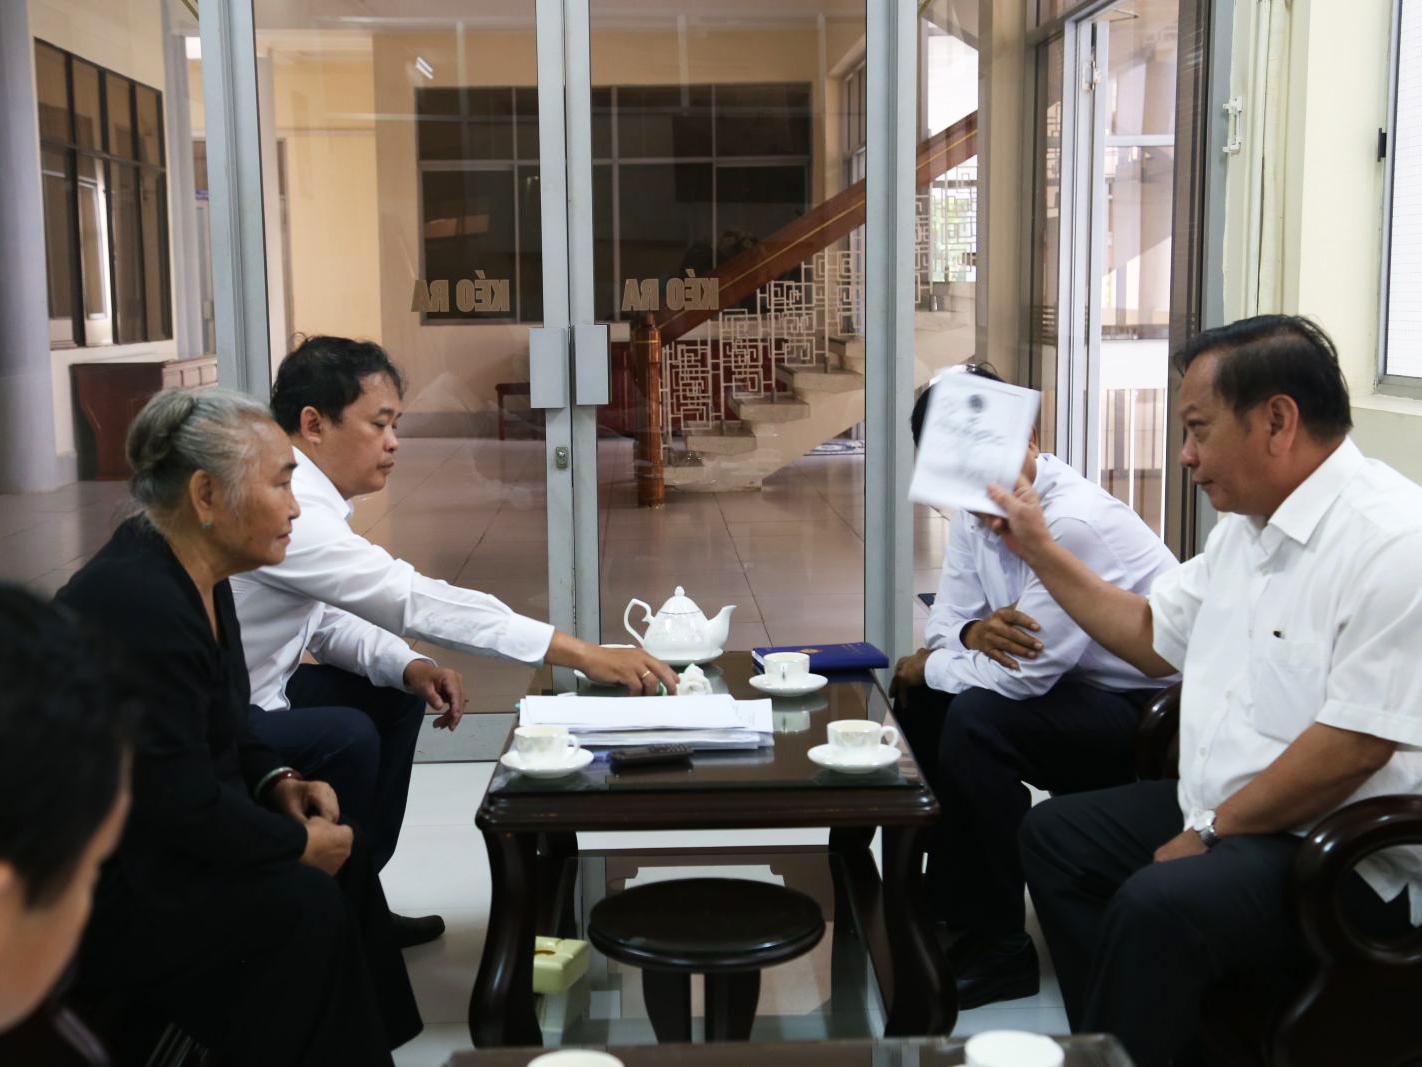 Đồng chí Trần Quốc Trung, Ủy viên Trung ương Đảng, Bí thư Thành ủy Cần Thơ trao đổi với bà Nguyễn Thị Nguyệt. Ảnh: S.H